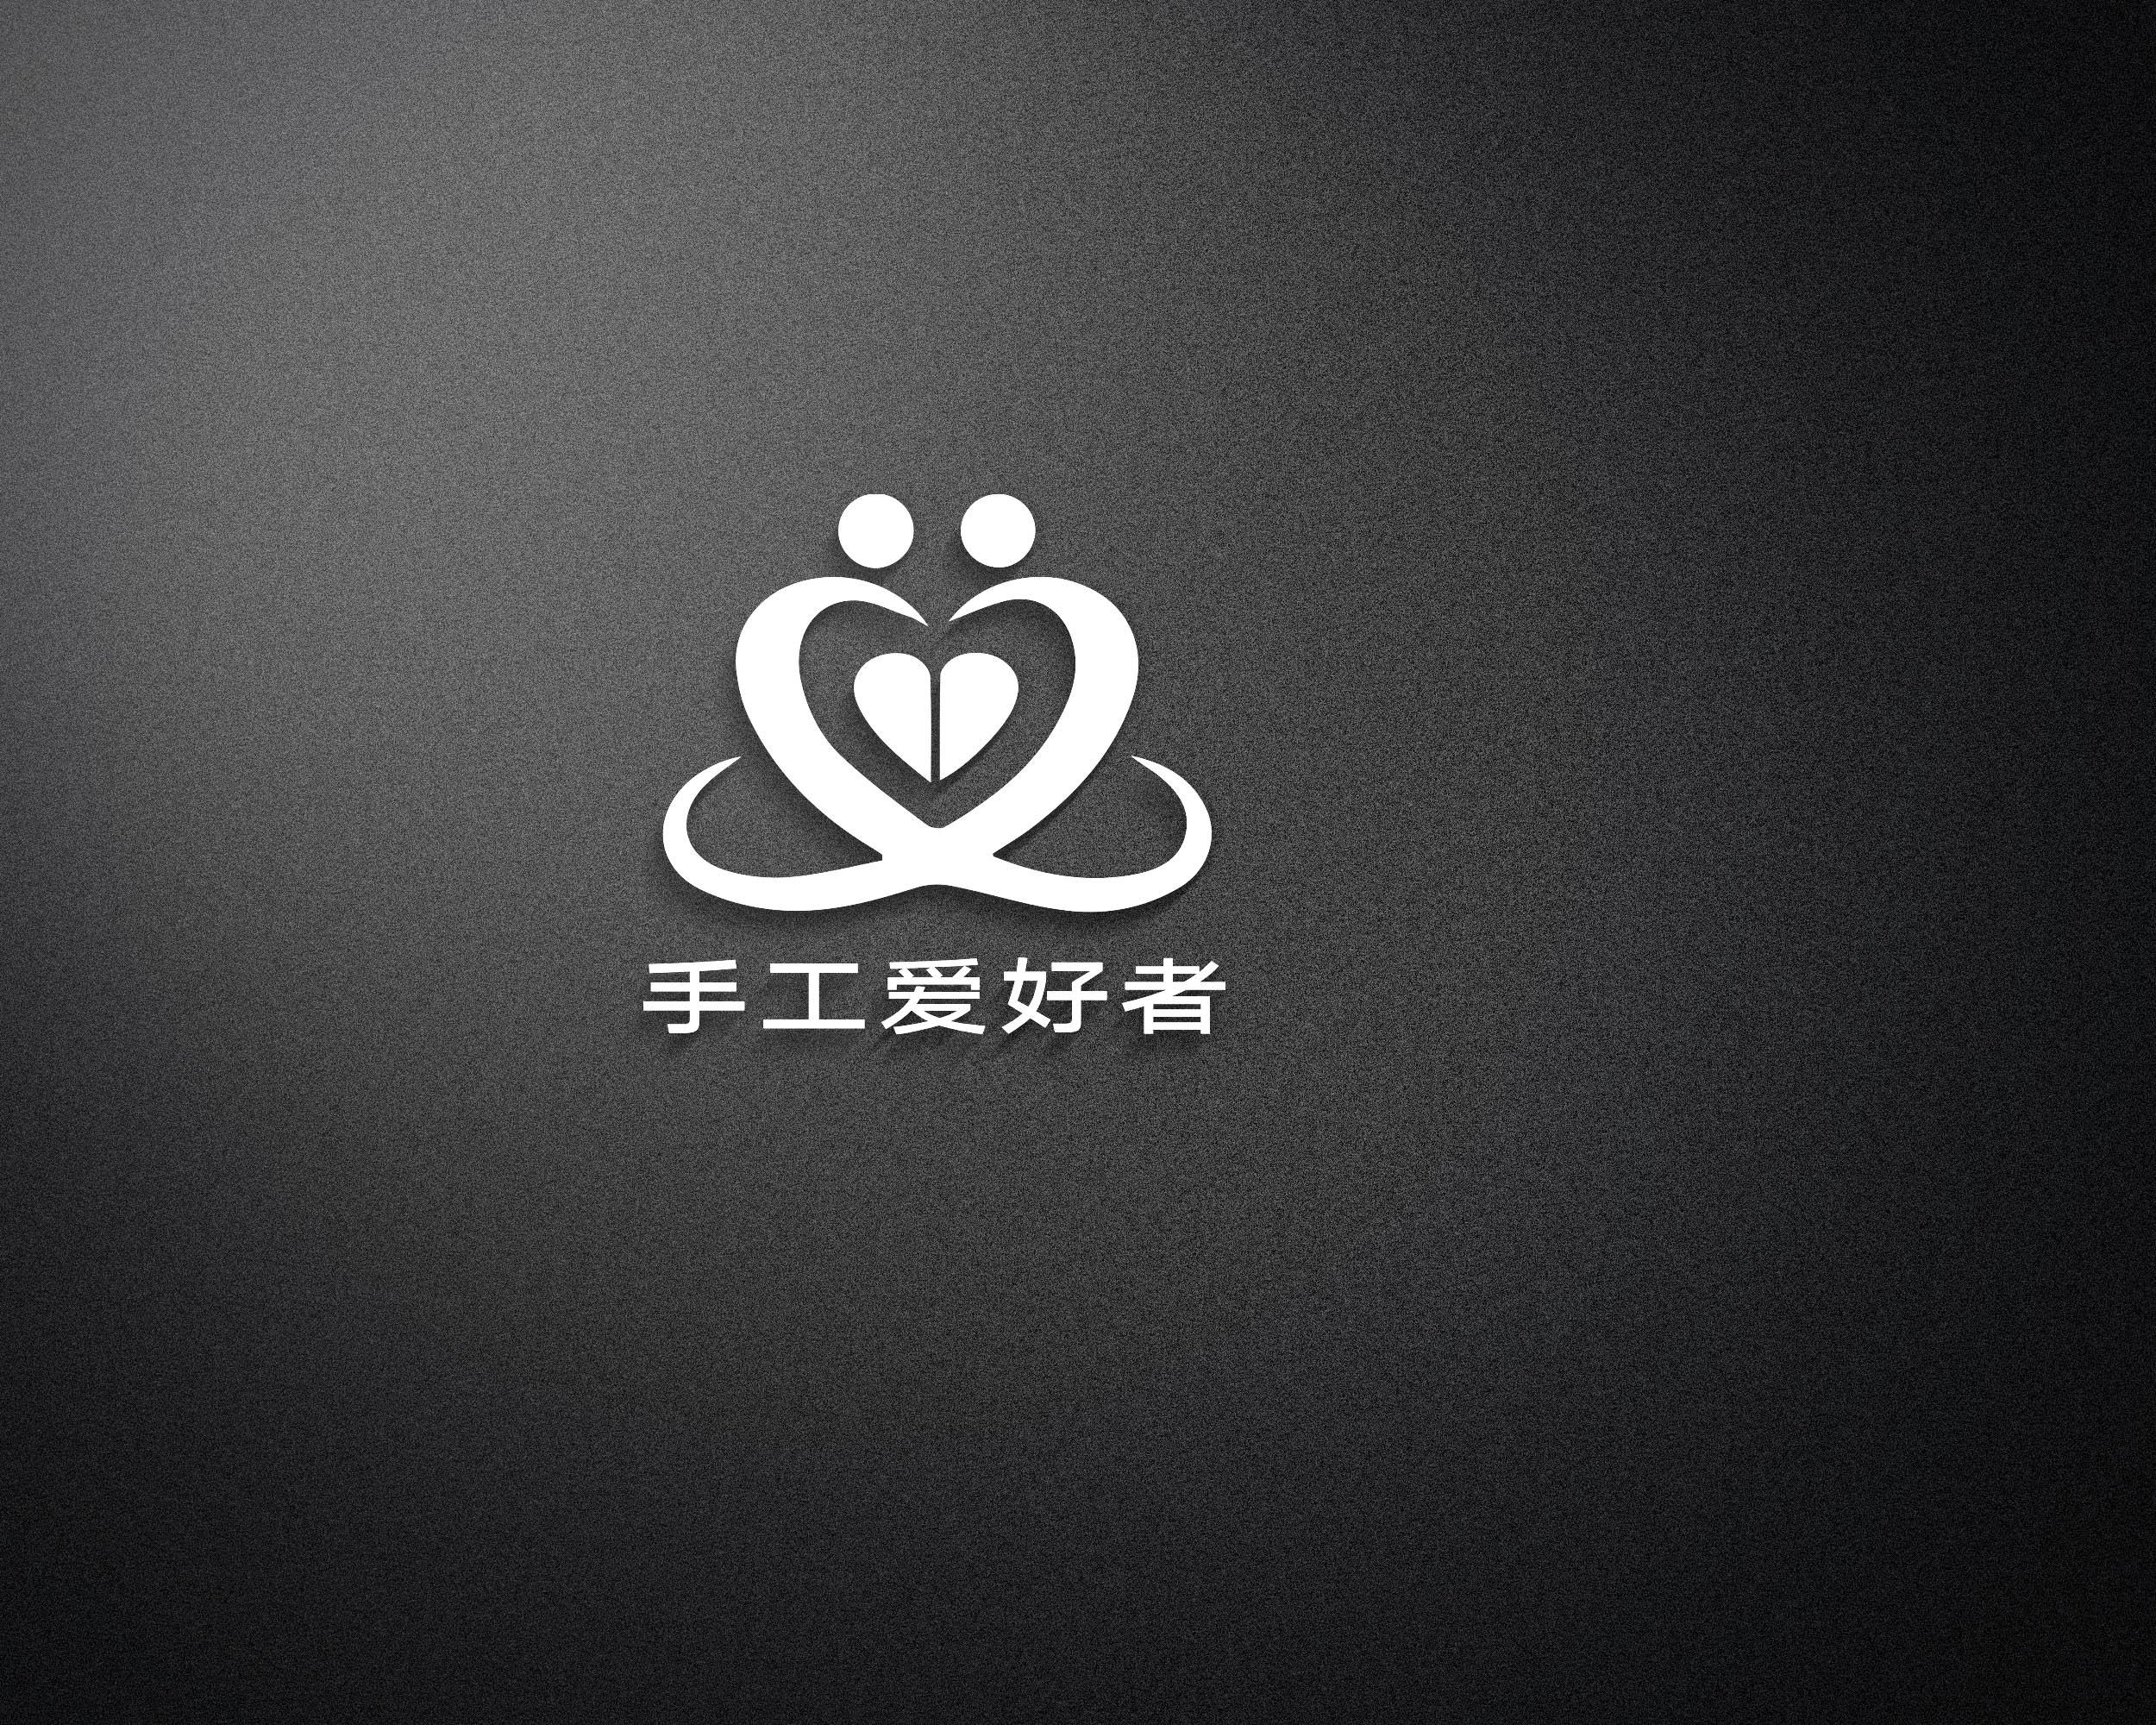 手工爱好者Logo征集_3034094_k68威客网